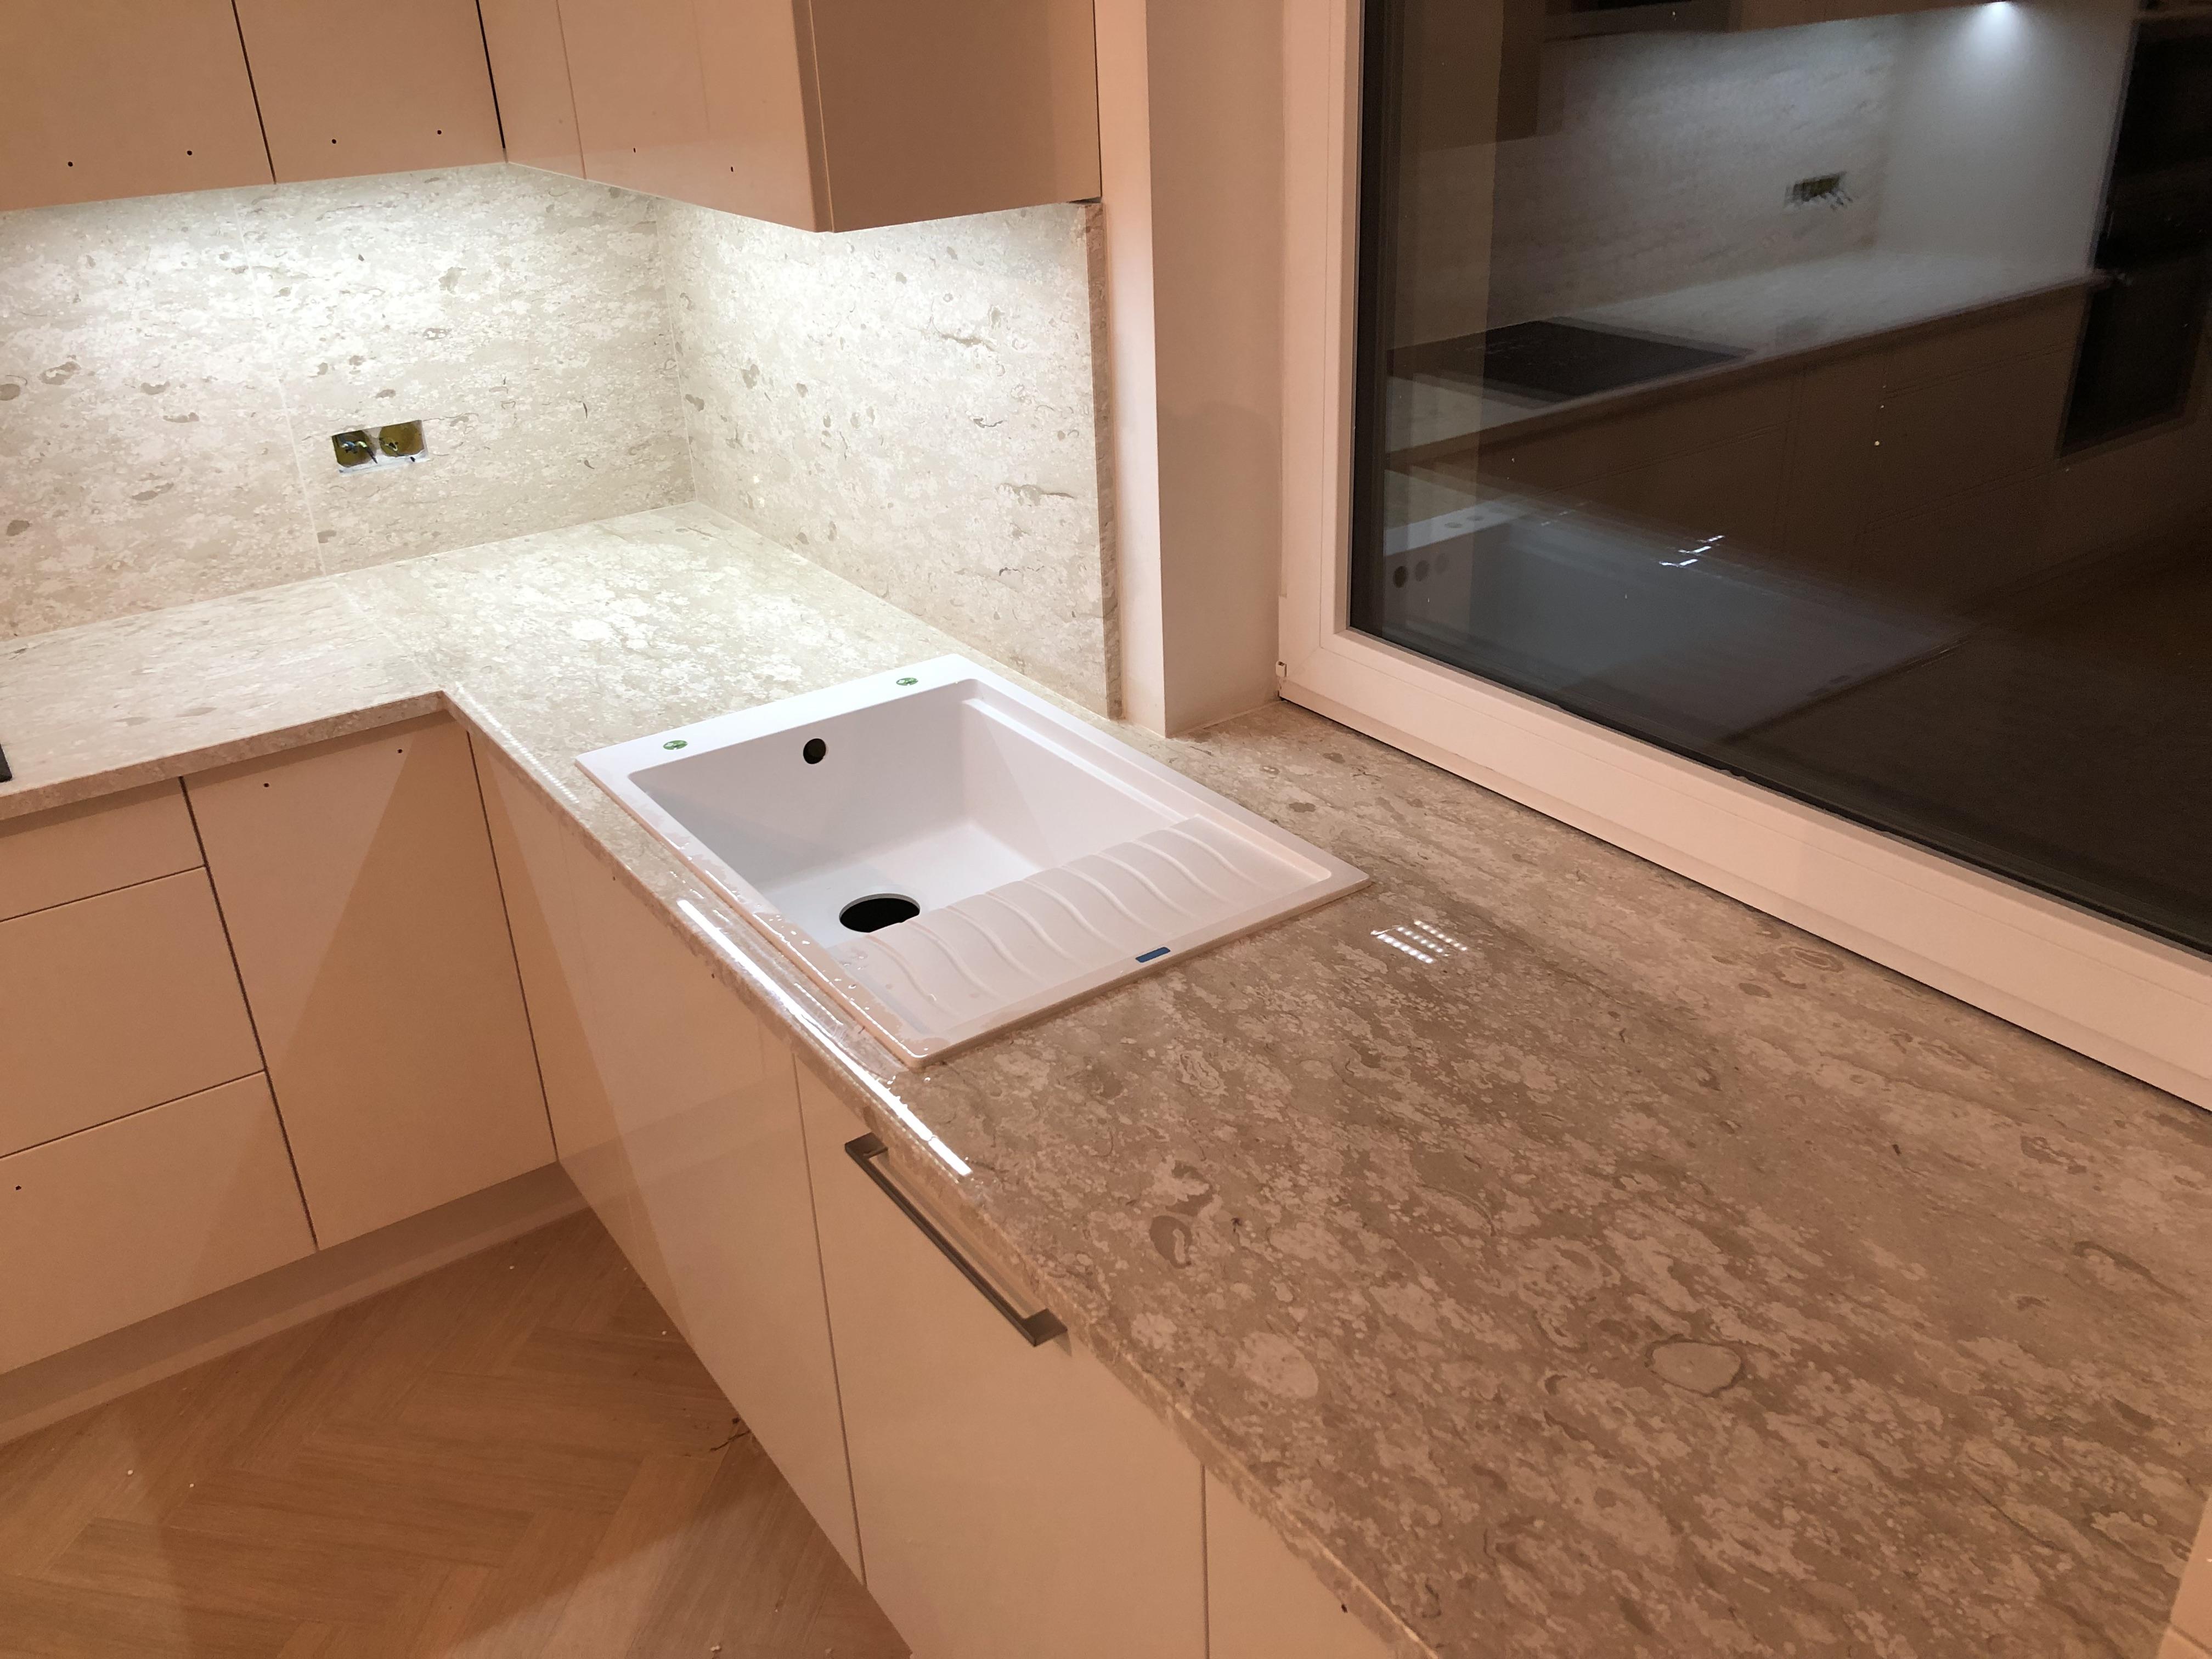 Royal Perlatino Márvány konyhapult x3cm, tükörfényes felülettel, gyári felületkonzerválással, az ablakpárkány a pult részét képzi!